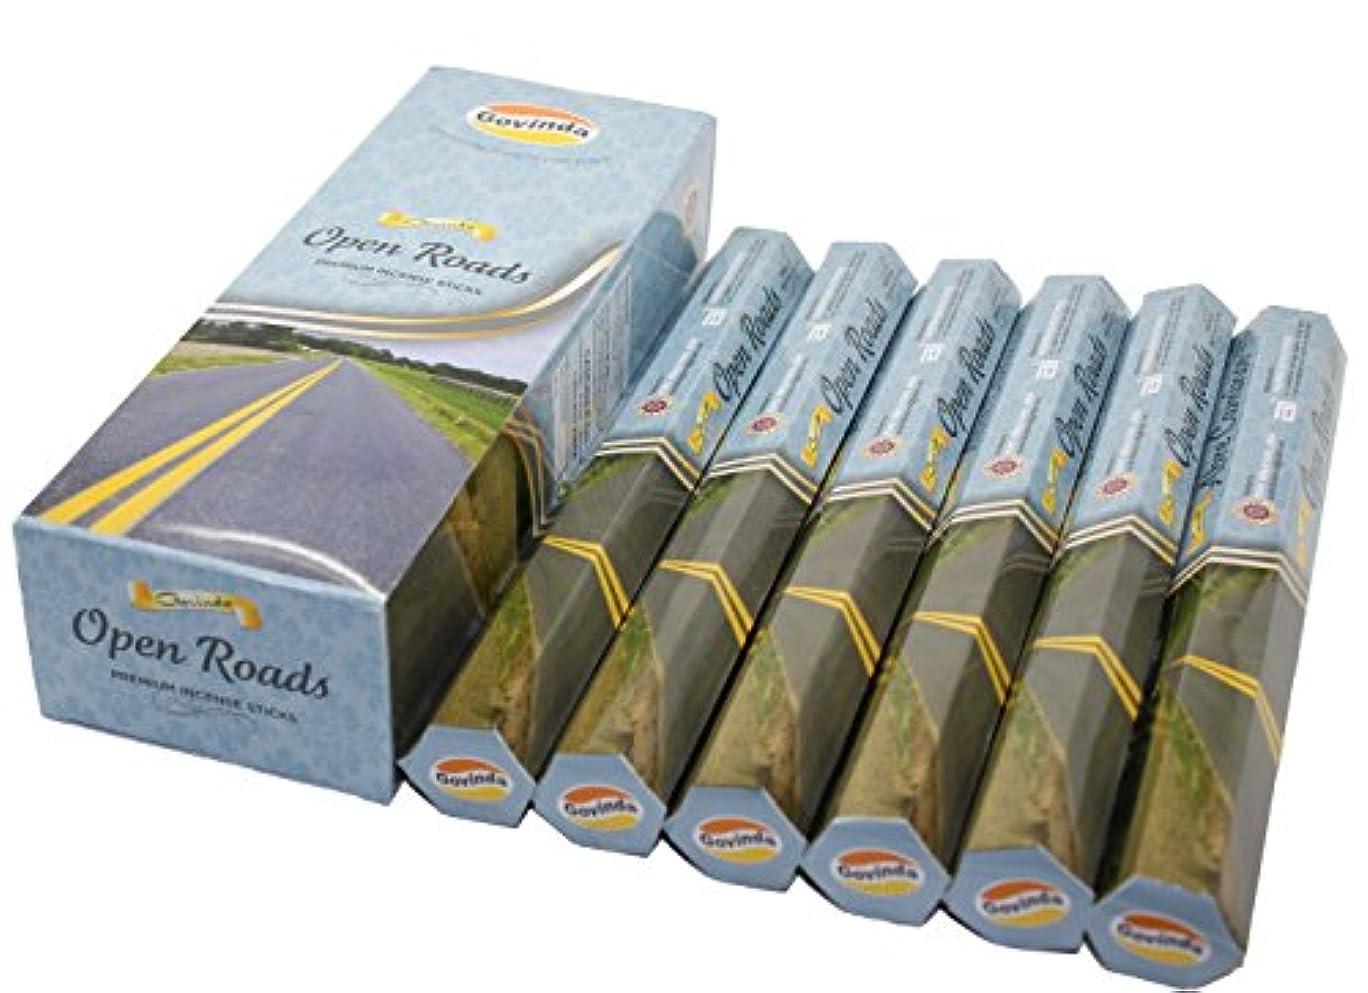 退屈させるなめる順応性のあるGovinda ® Incense – Open Roads – 120 Incense Sticks、プレミアムIncense、Masalaコーティング